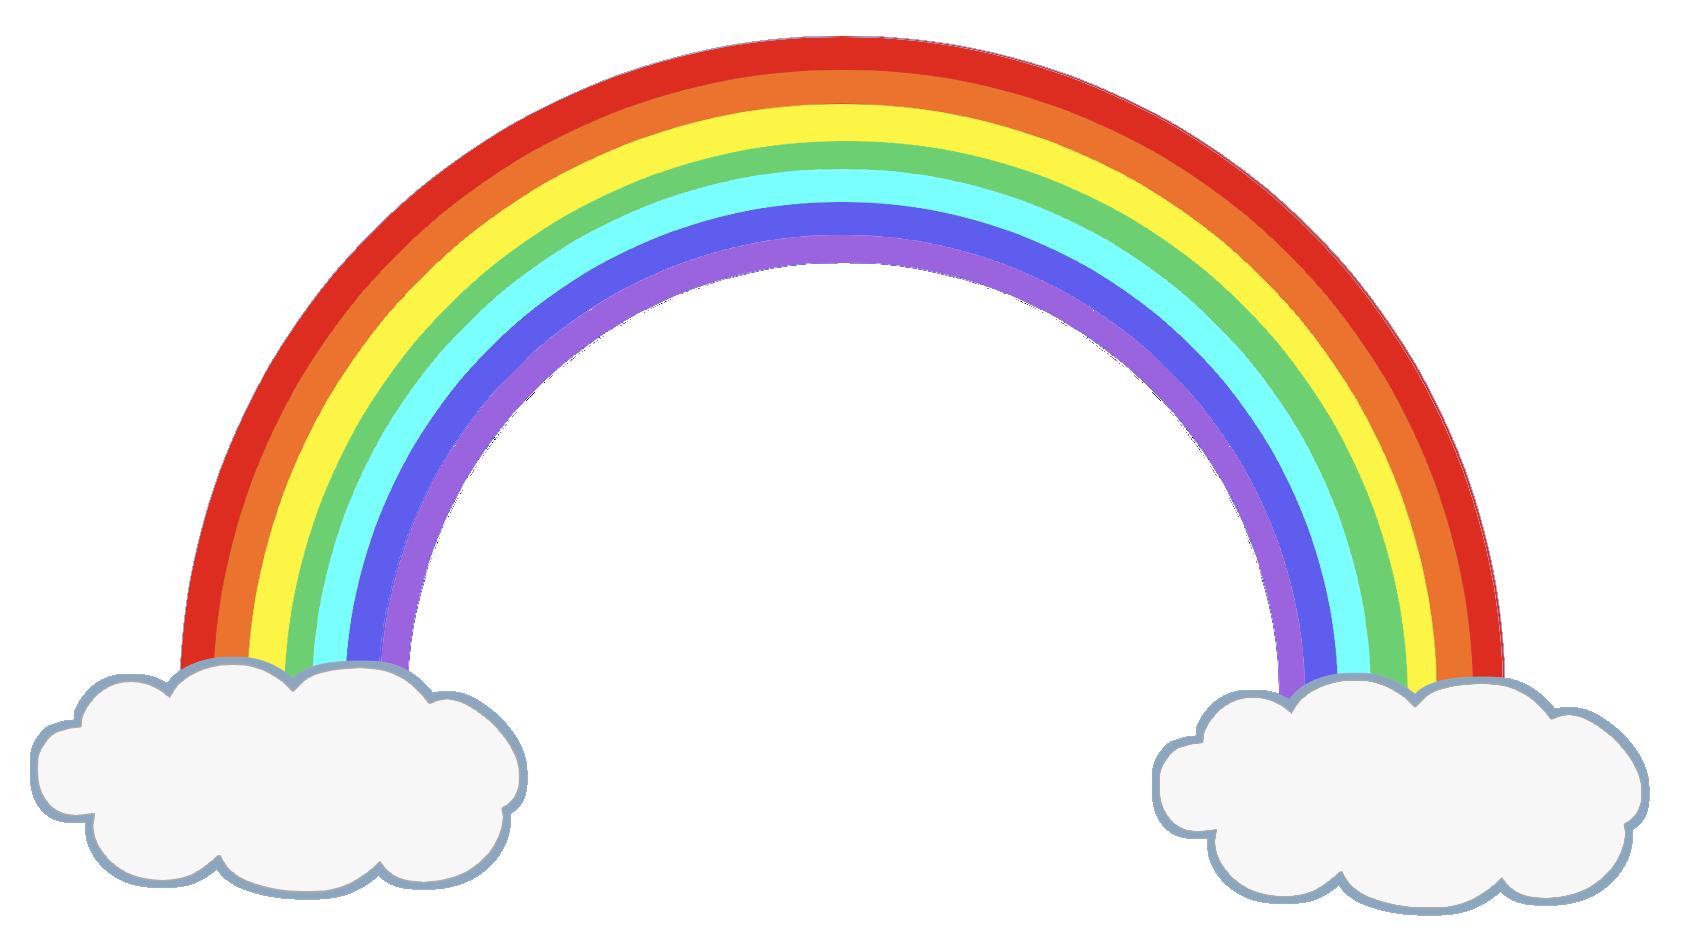 虹と雲の無料イラスト素材